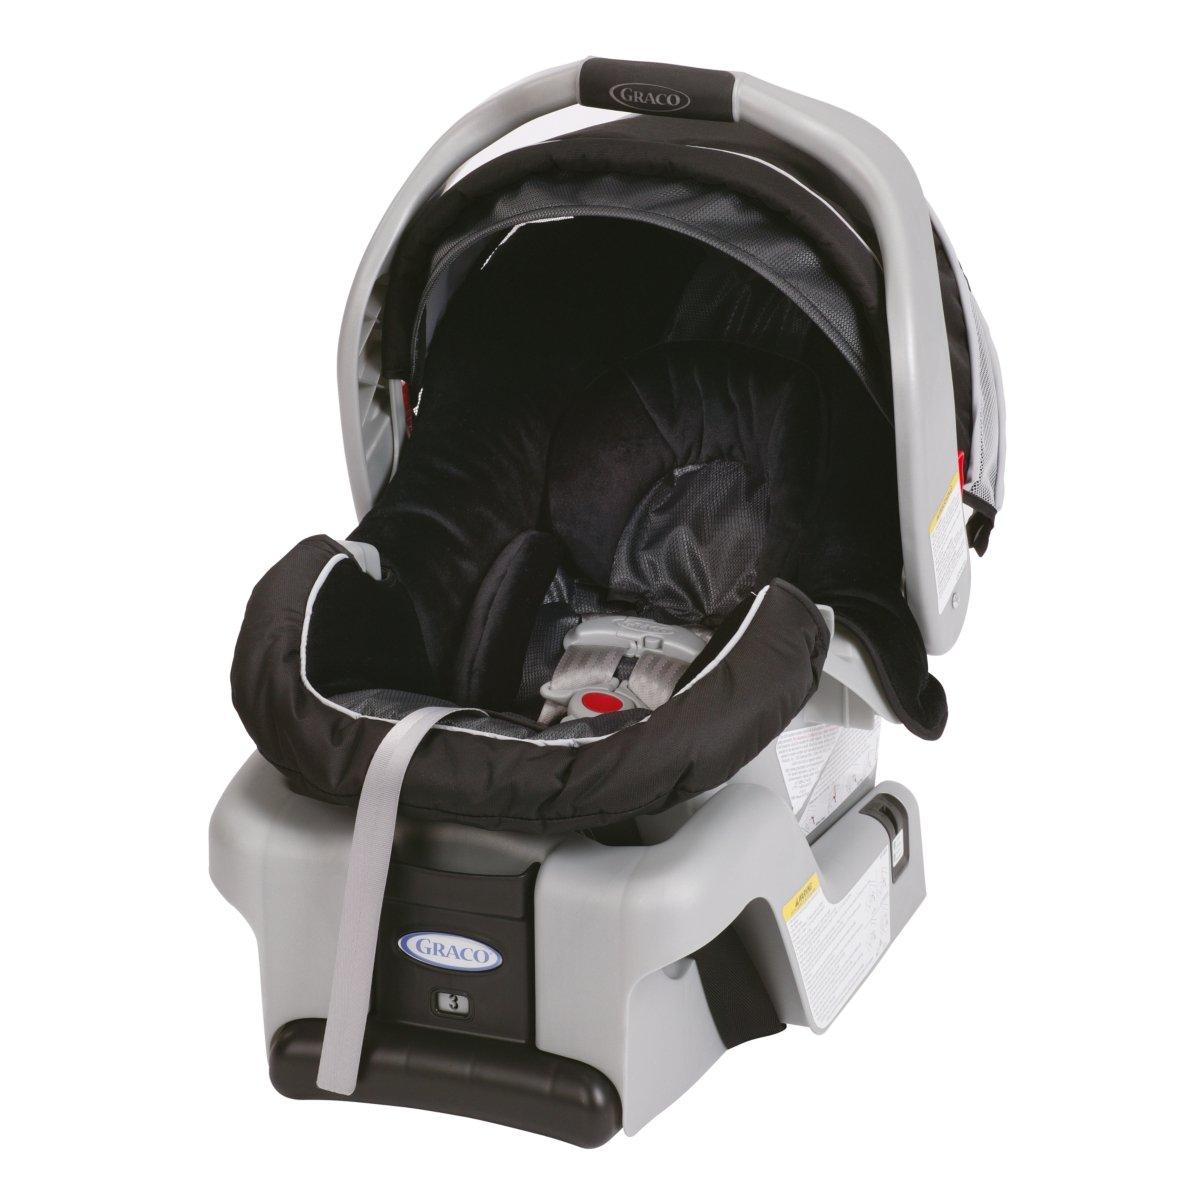 Amazon.com : Graco SnugRide 30 Classic Connect Infant Car Seat ...